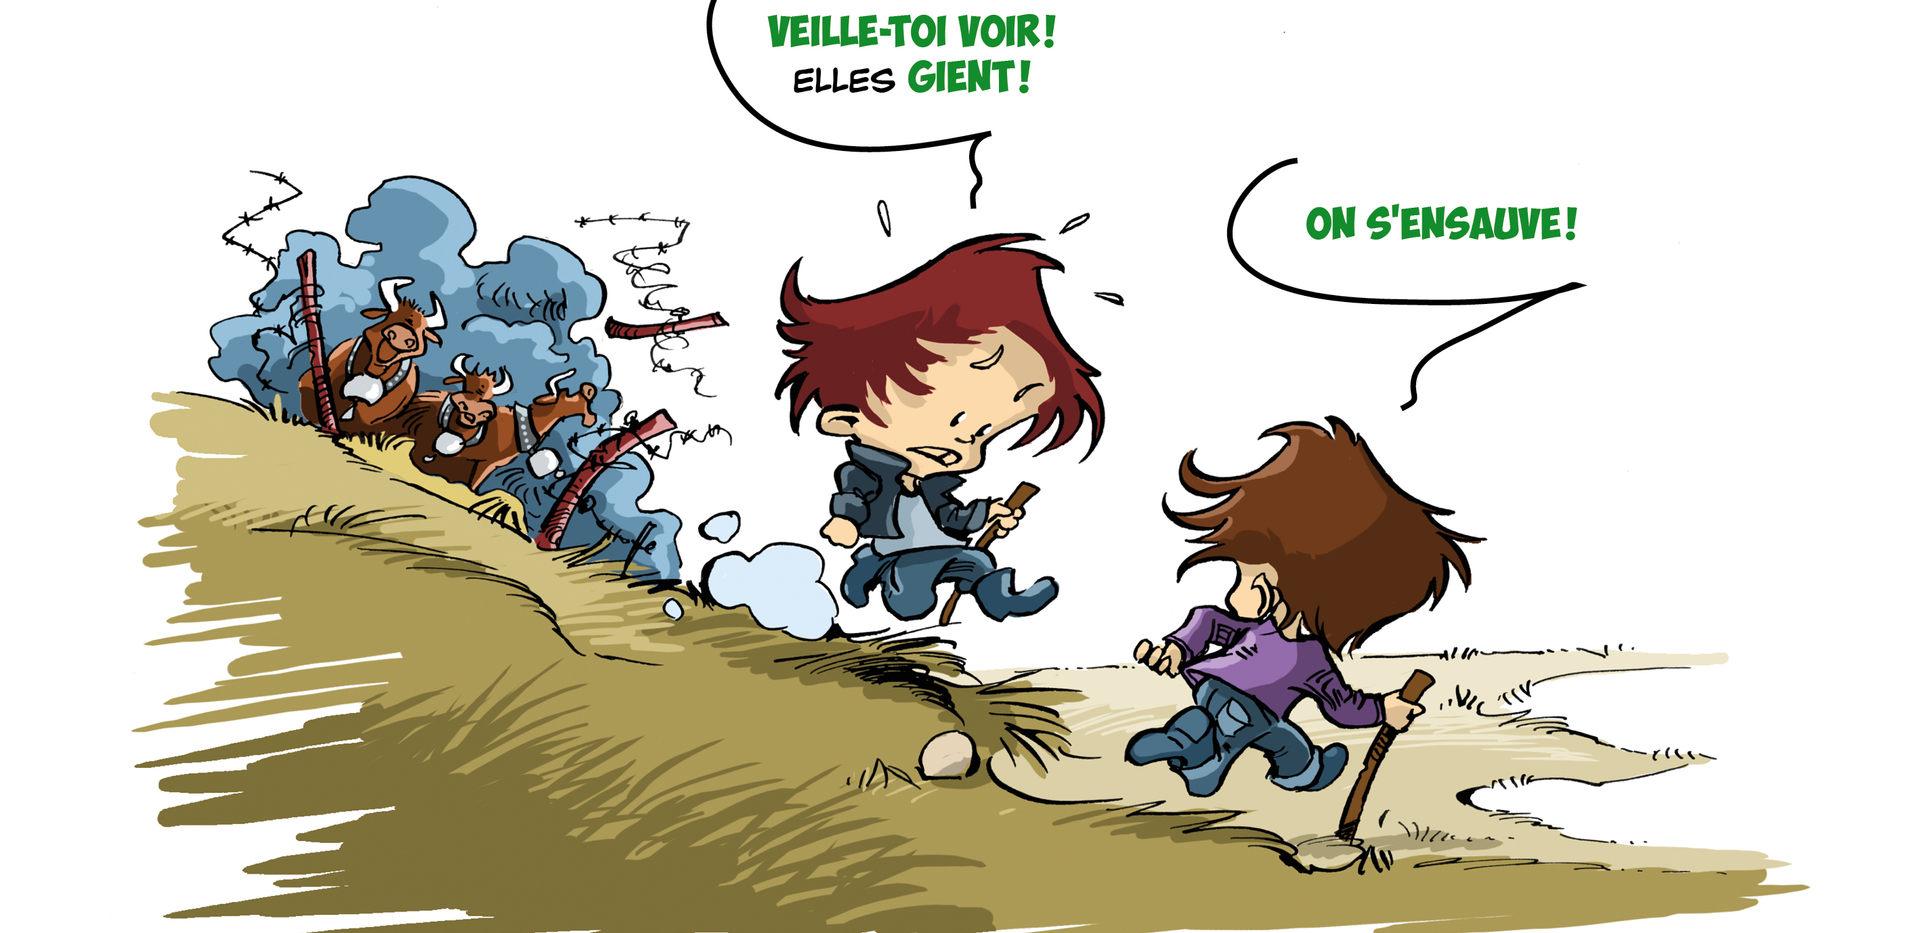 Vaudoiseries-image6.jpg